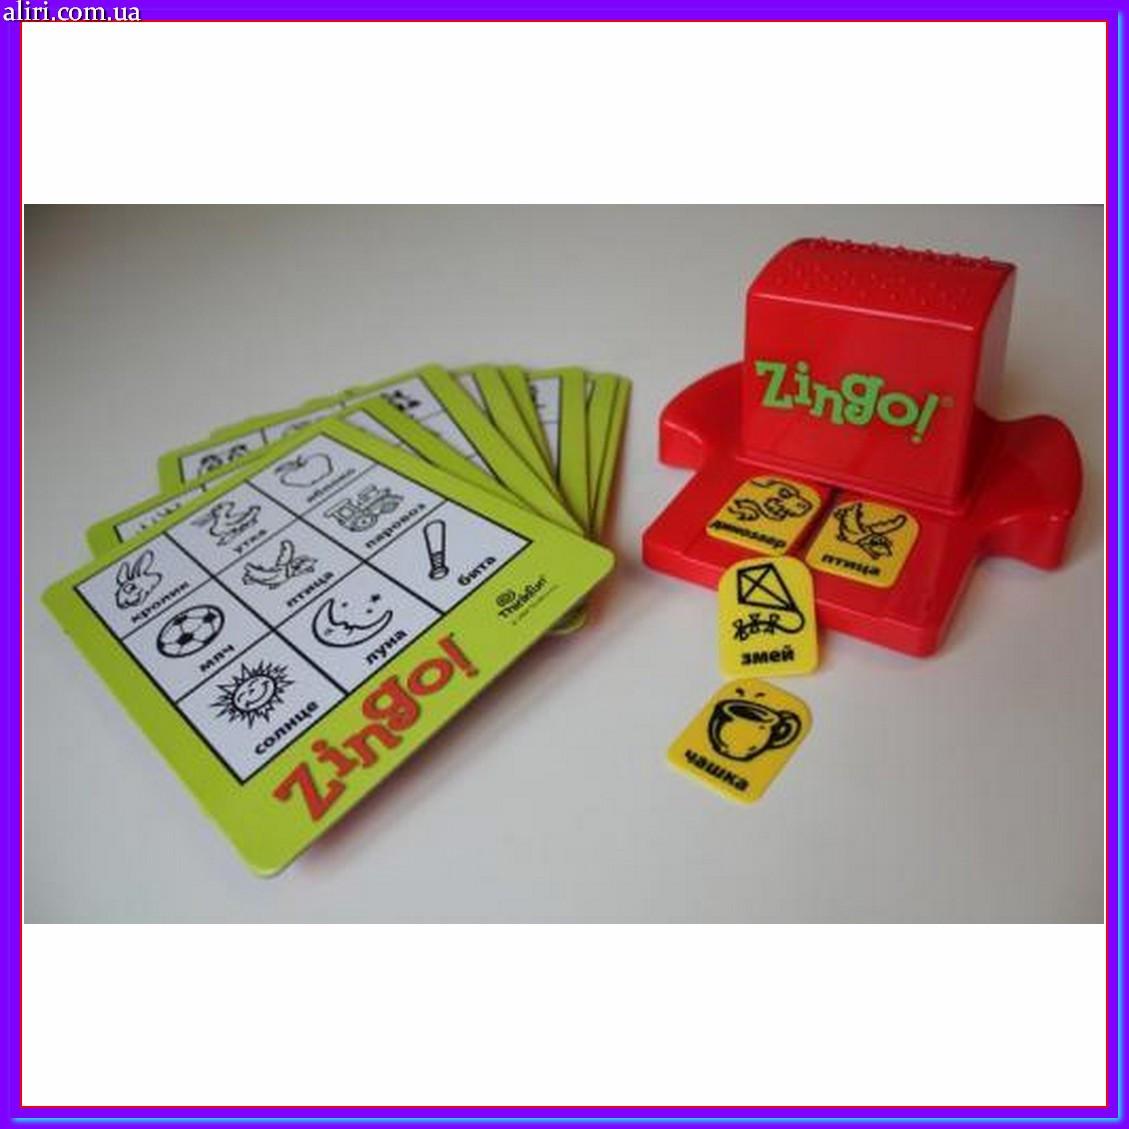 Игра-головоломка Зинго | ThinkFun Zingo 7700